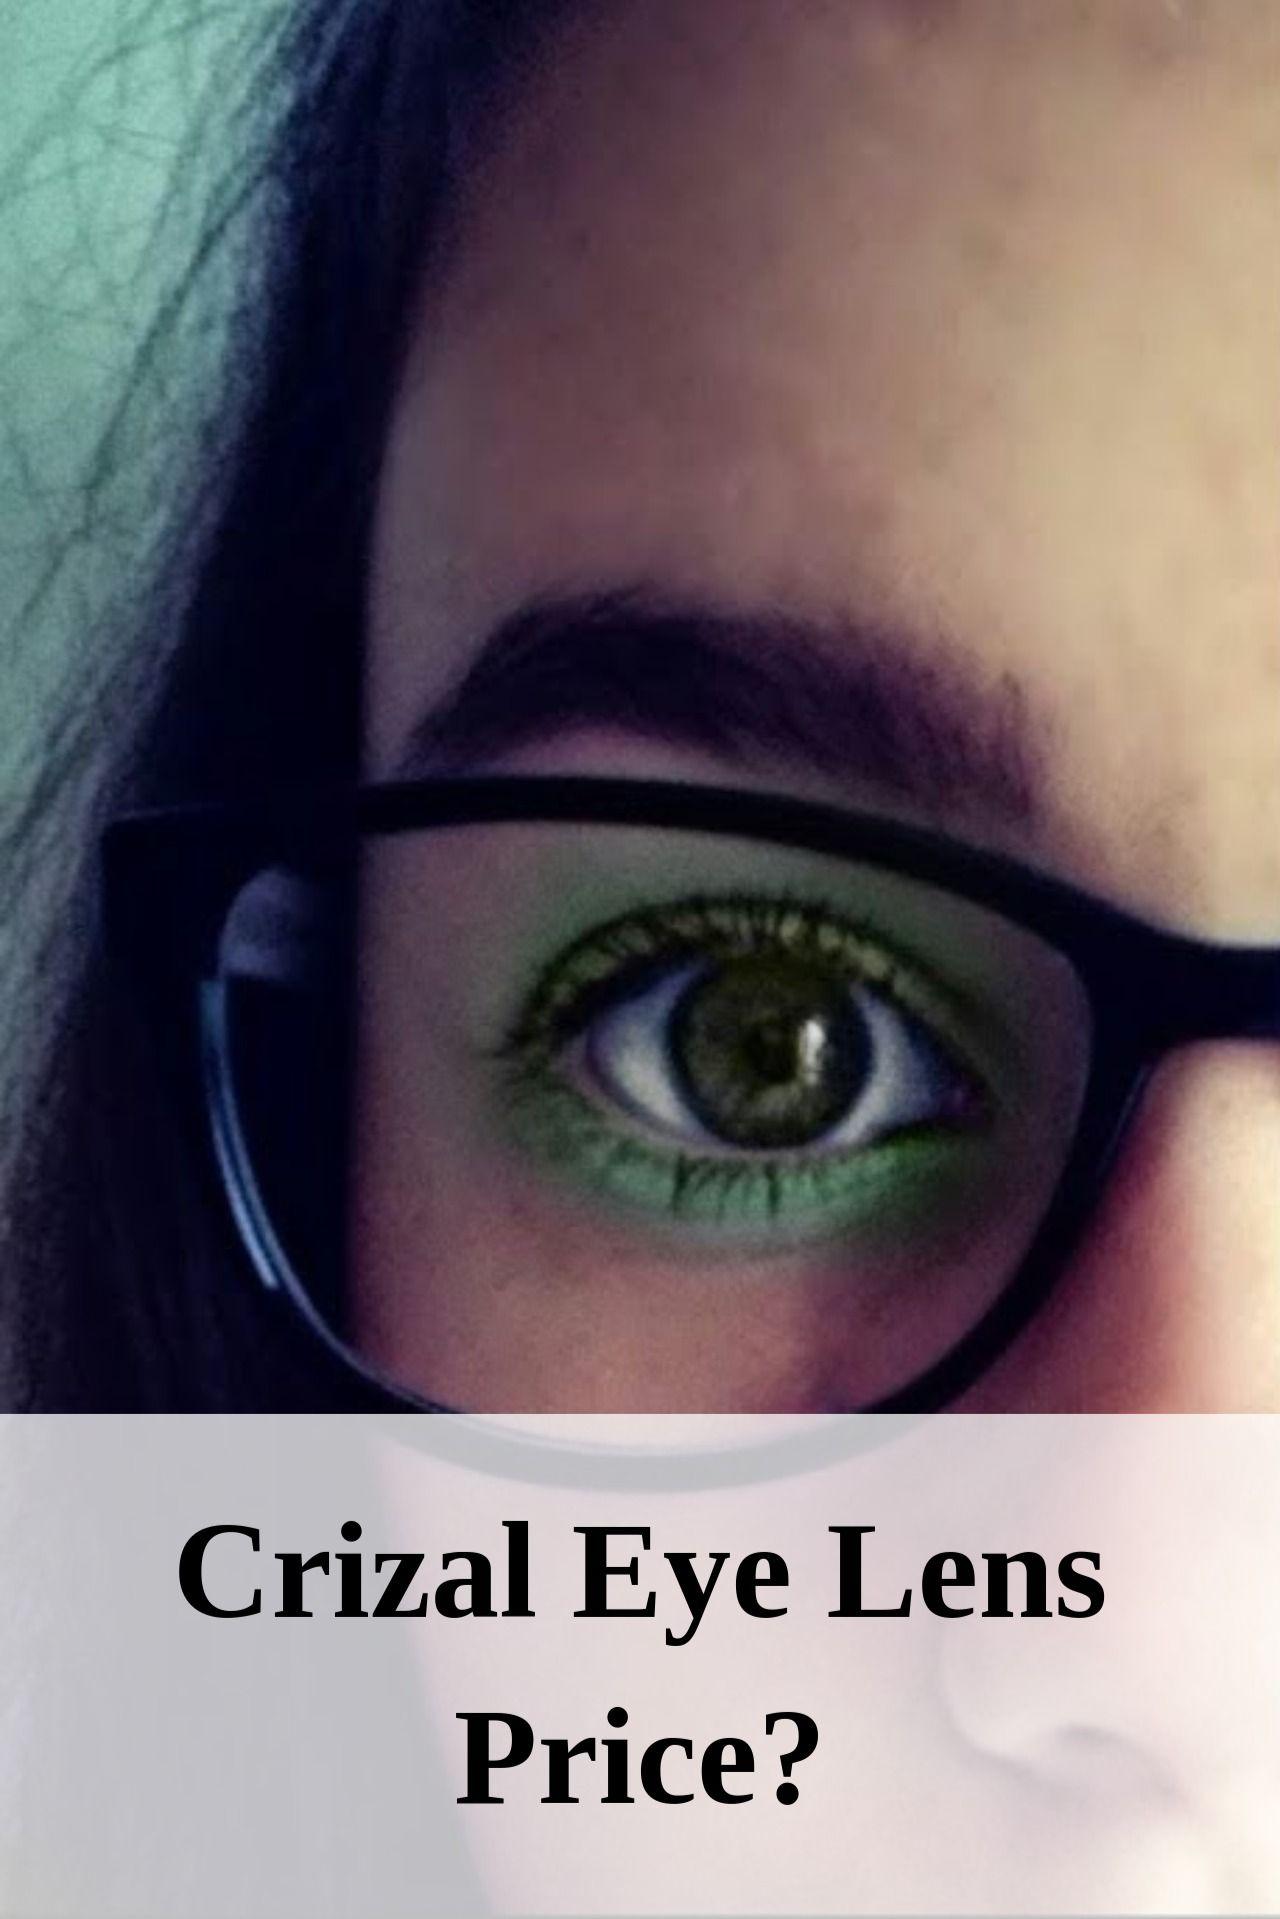 Crizal Eye Lens Price Eye Lens Price Lenses Eyeglass Lenses